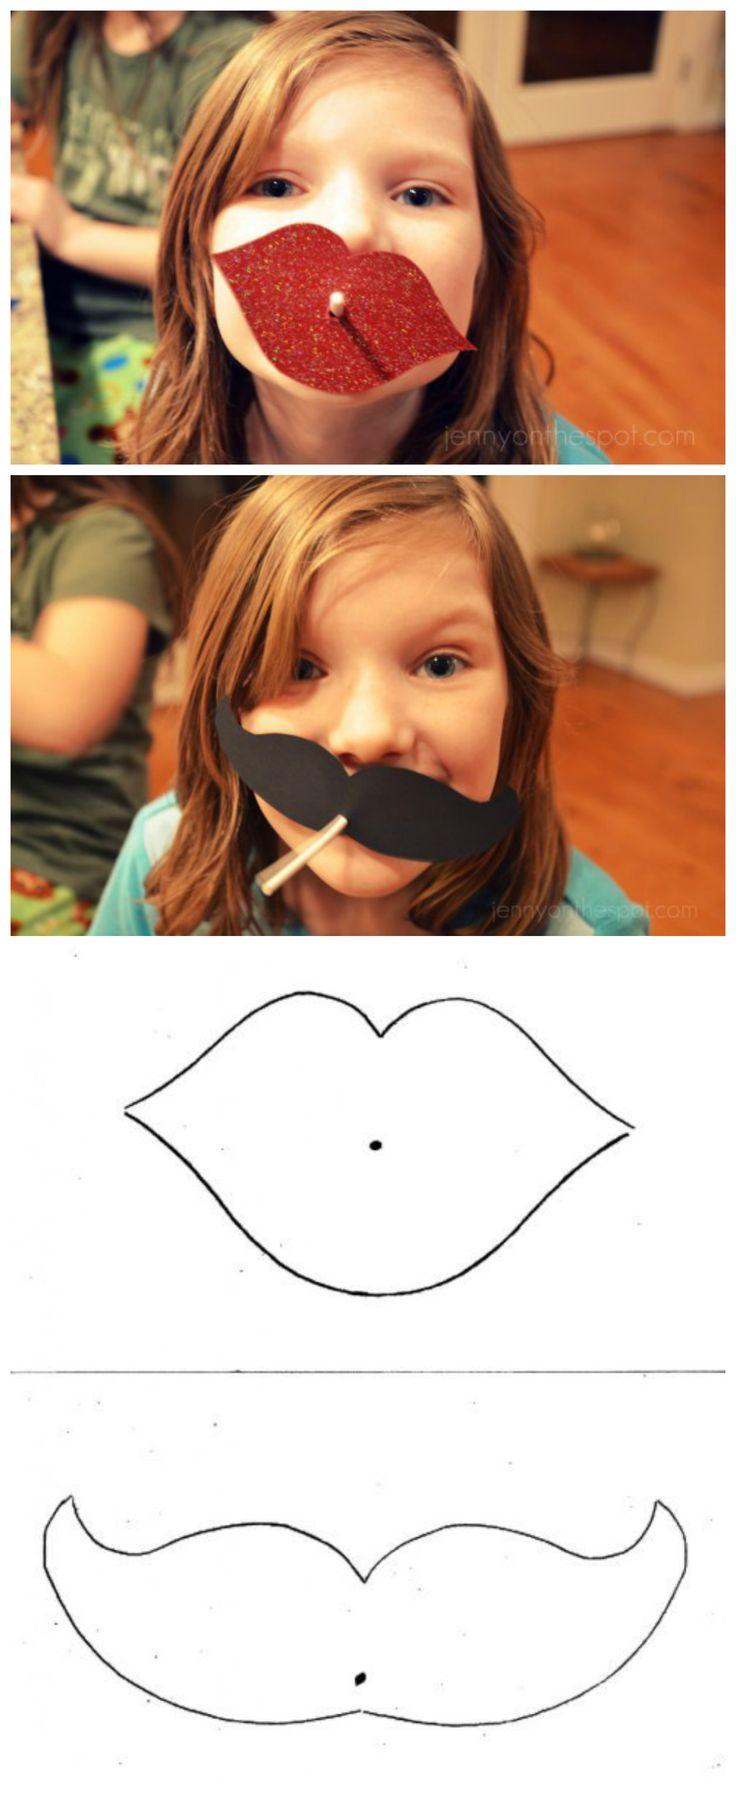 DIY lollipop Valentine lips & moustache!!! via @Jenny On The Spot